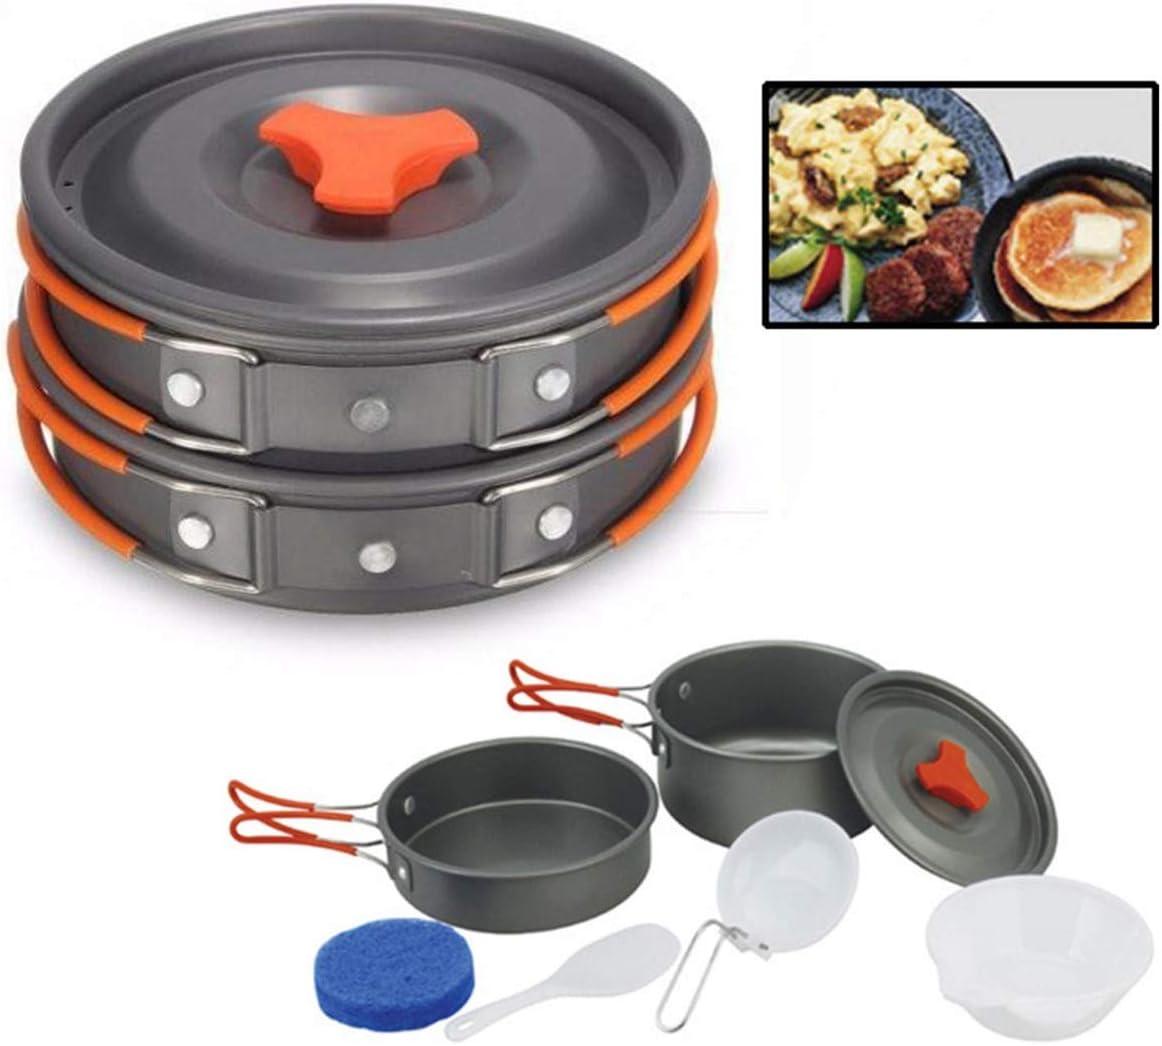 Mintata 8 Pcs Portable Camping Cookware Aluminum Lightweight Folding Outdoor Picnic Cooking Bowl Pot Pan